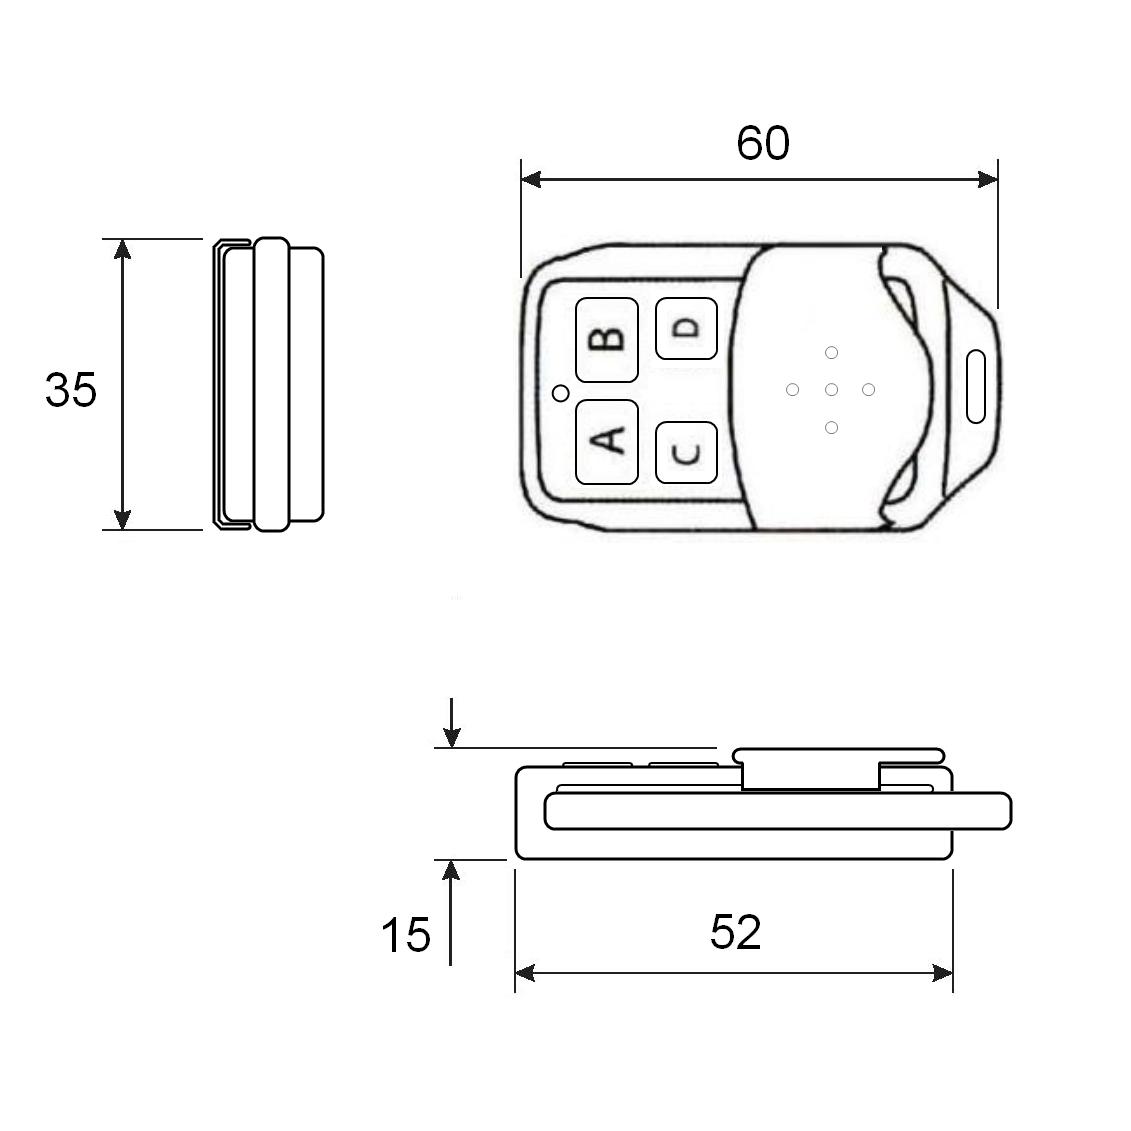 Пульт-брелок nooLite PN-411 (схема)